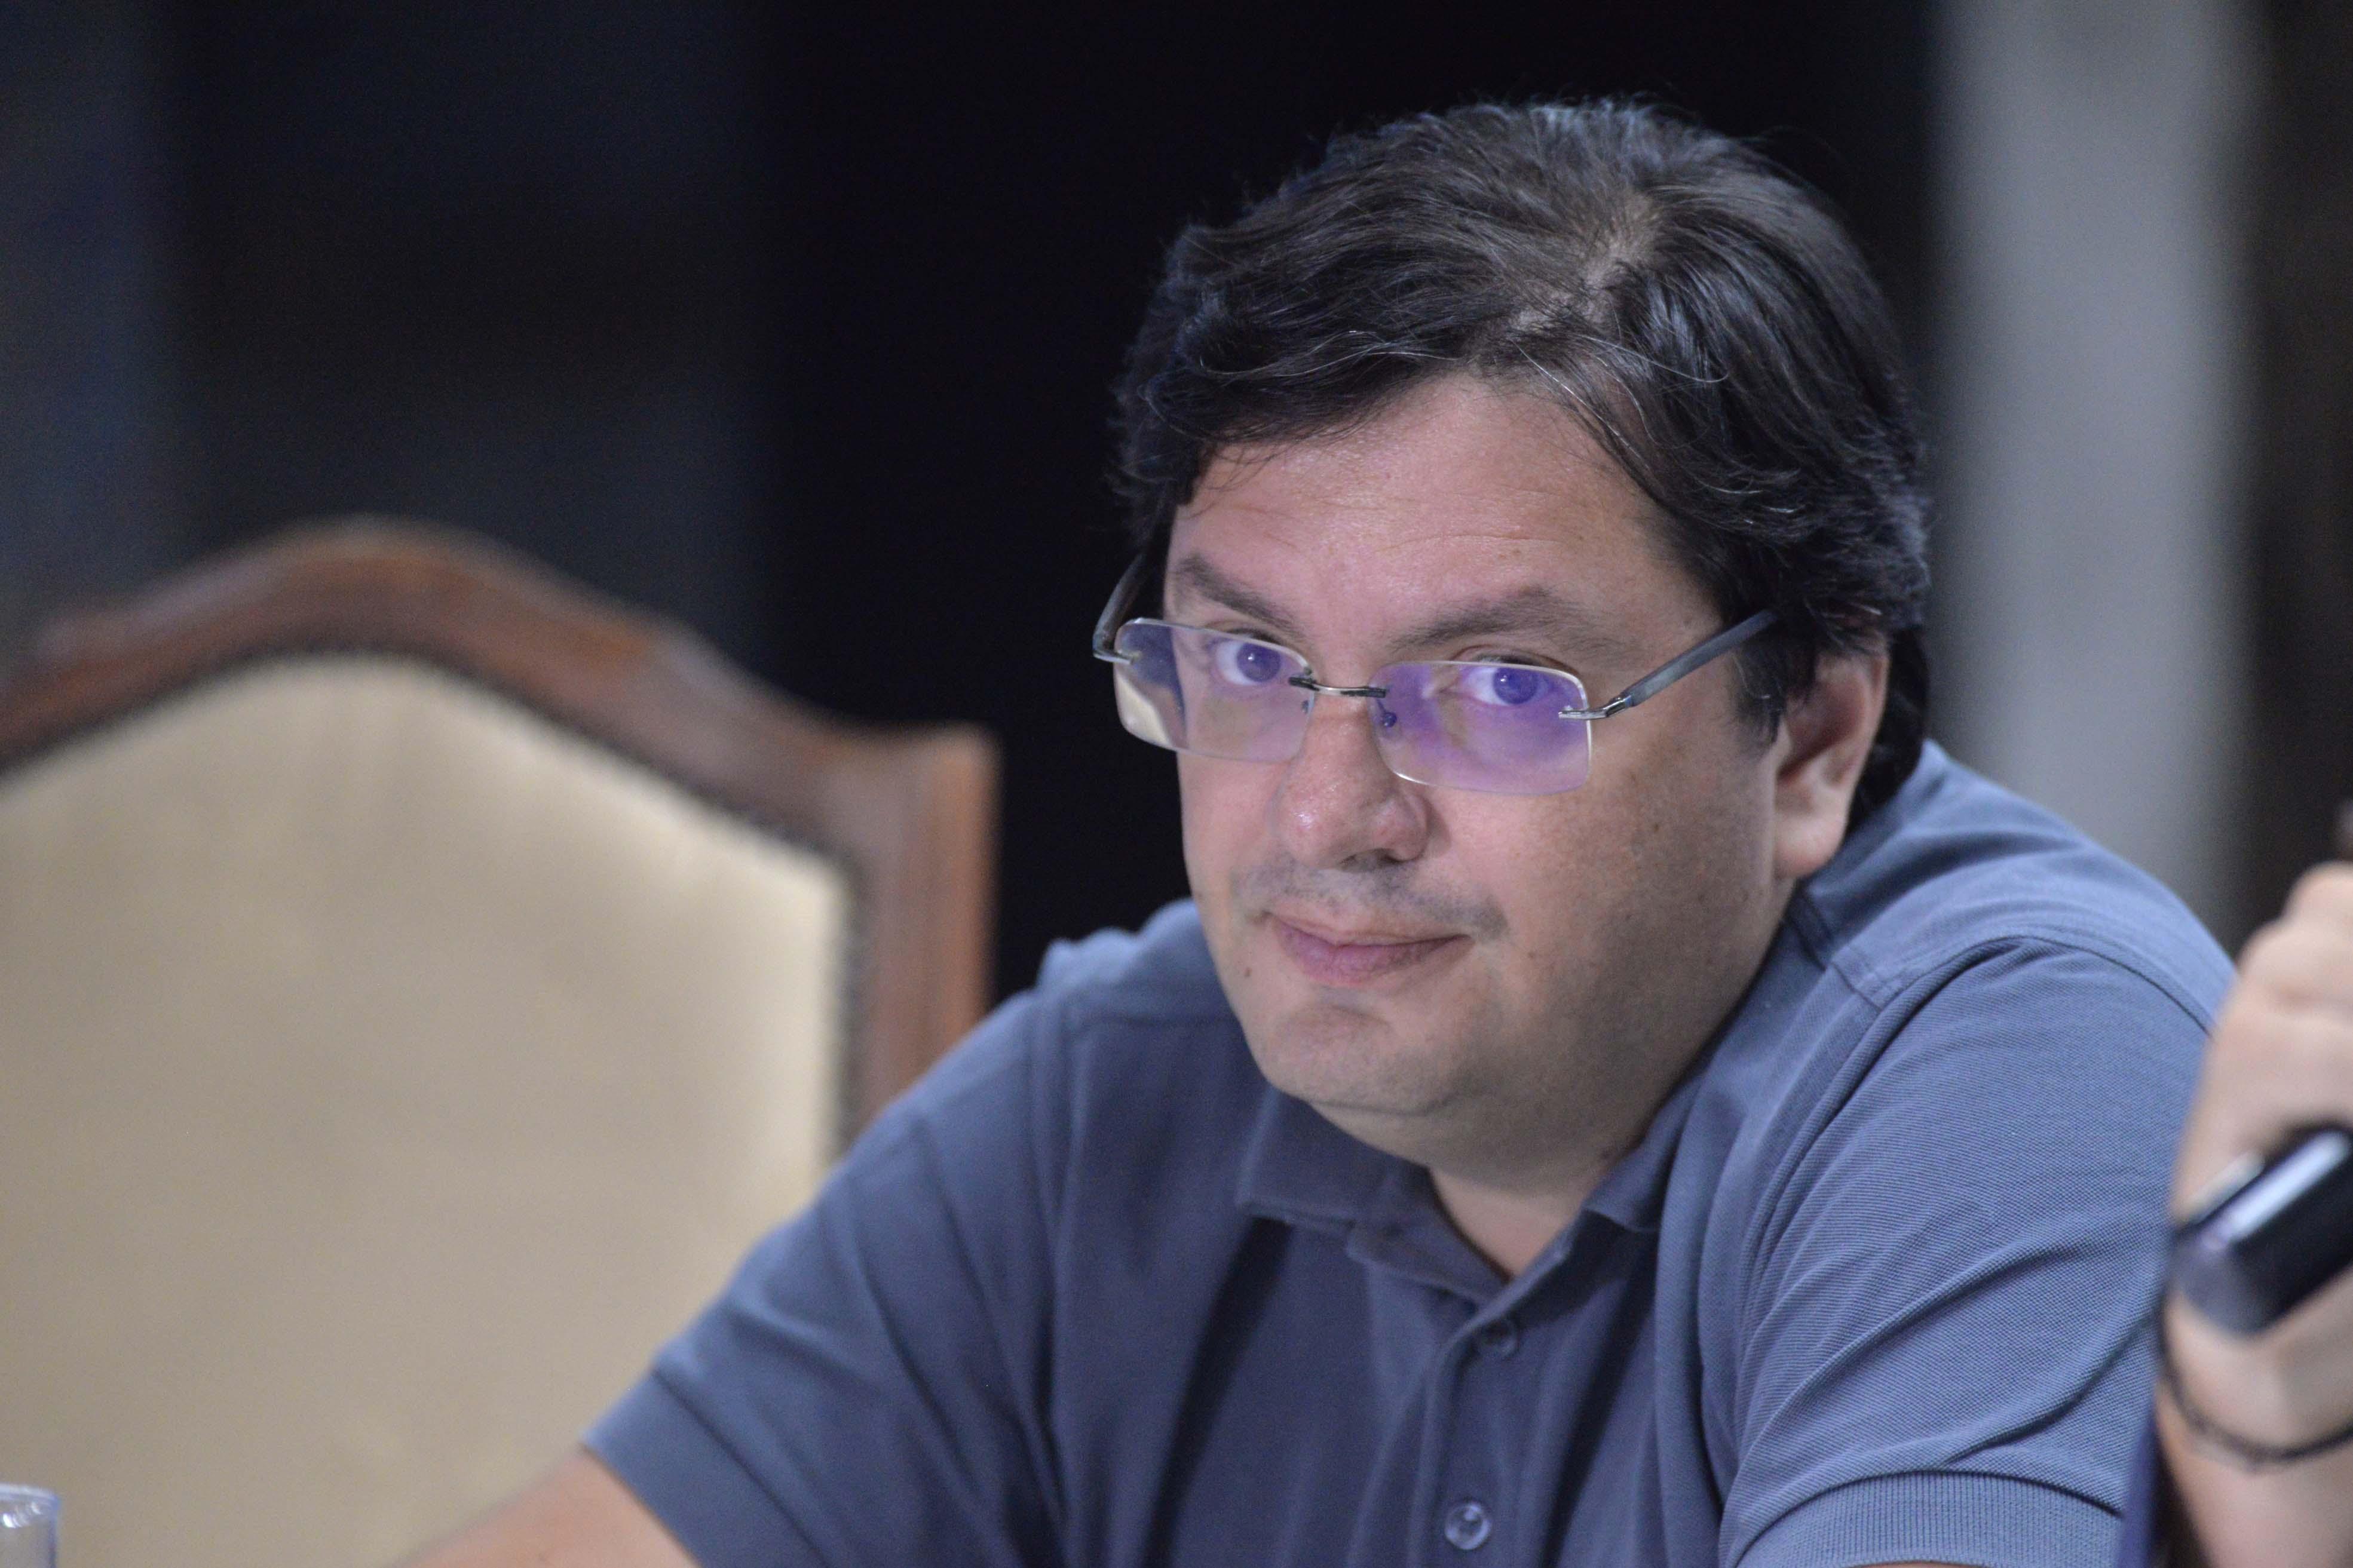 Deputatul Nicolae Bănicioiu, acuzat de DNA că a luat mită, a rămas fără imunitate parlamentară